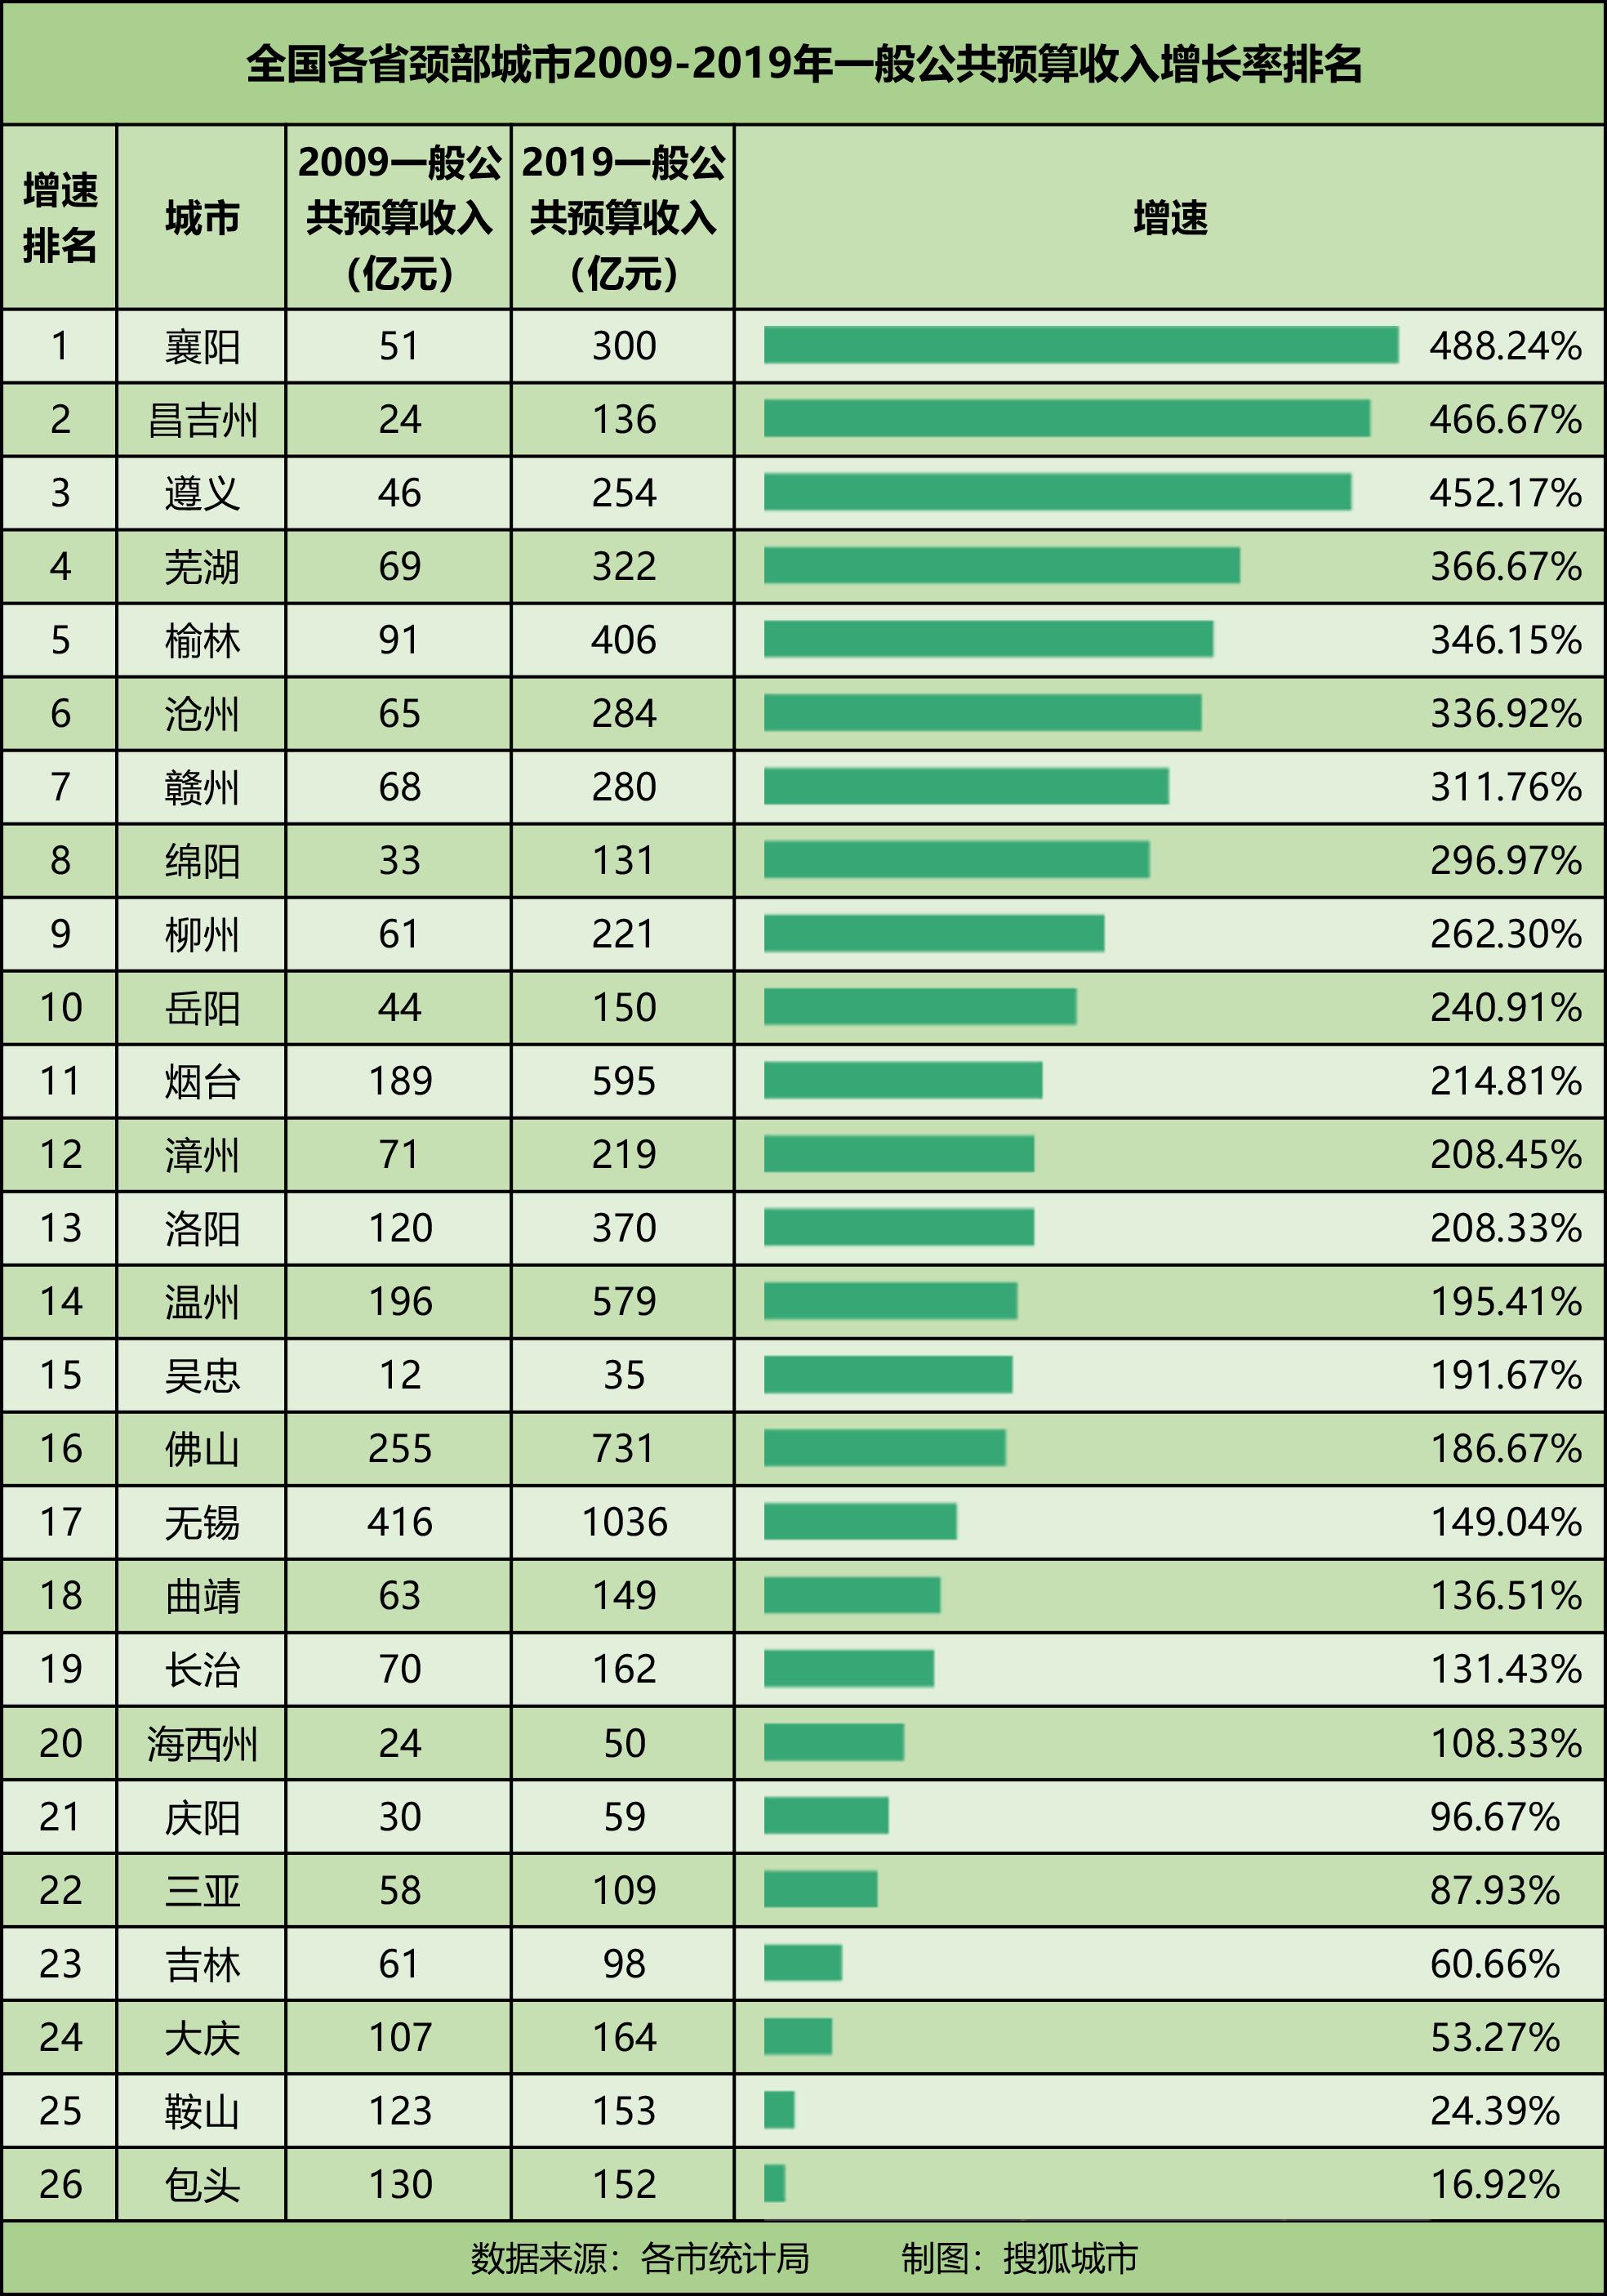 2021 城市 人均gdp